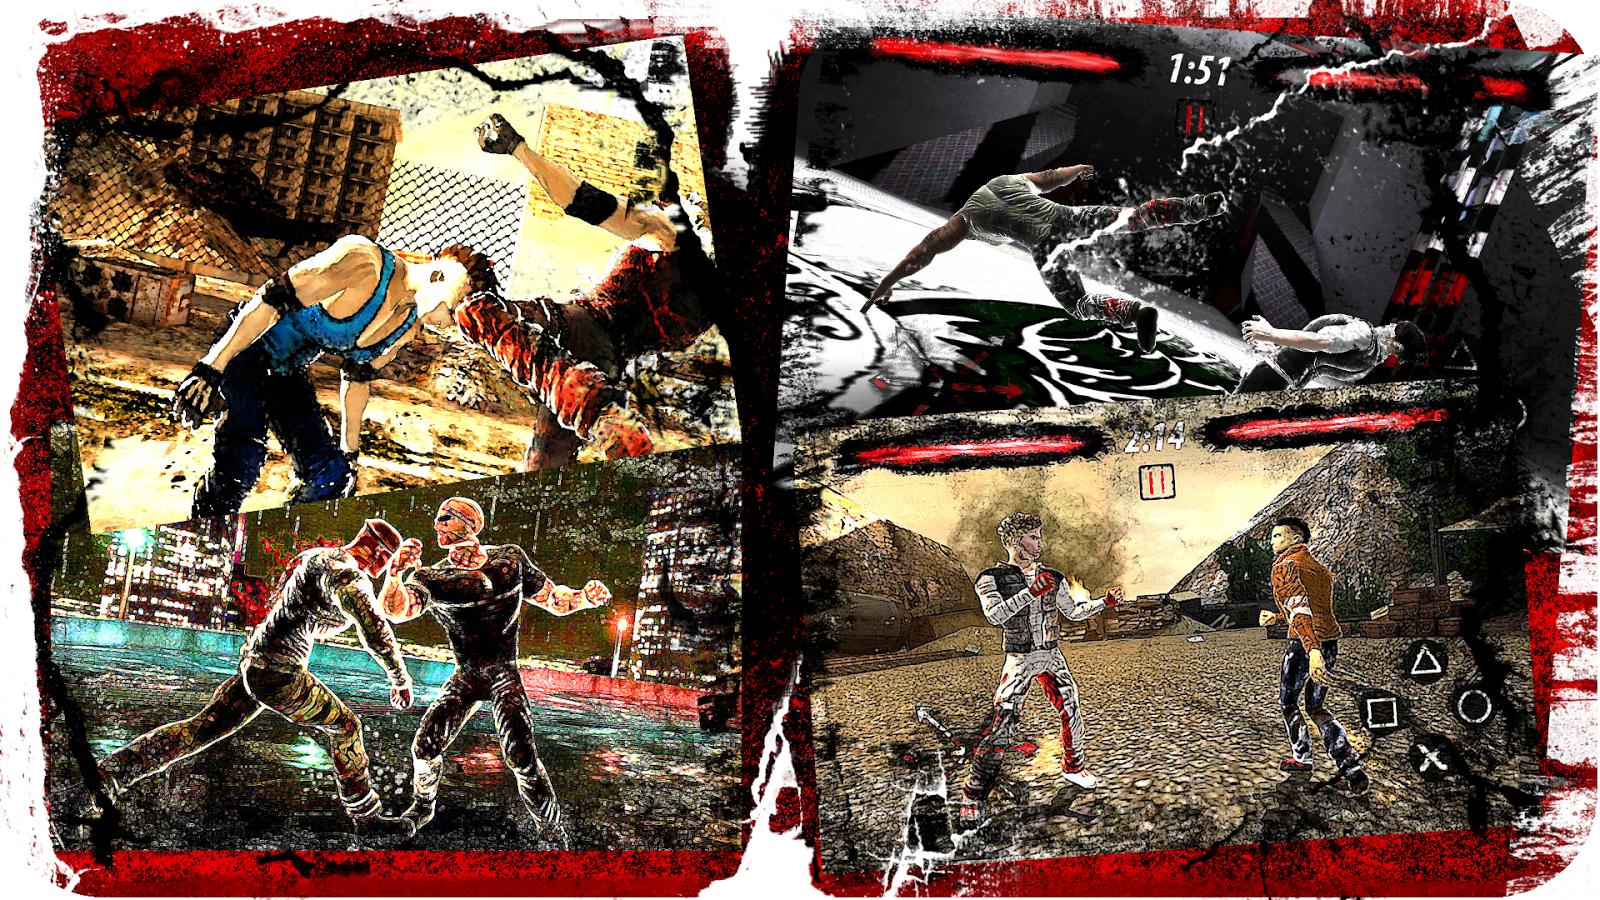 لعبة القتال المدهشة للاندرويد Unreal Fighter v1 012